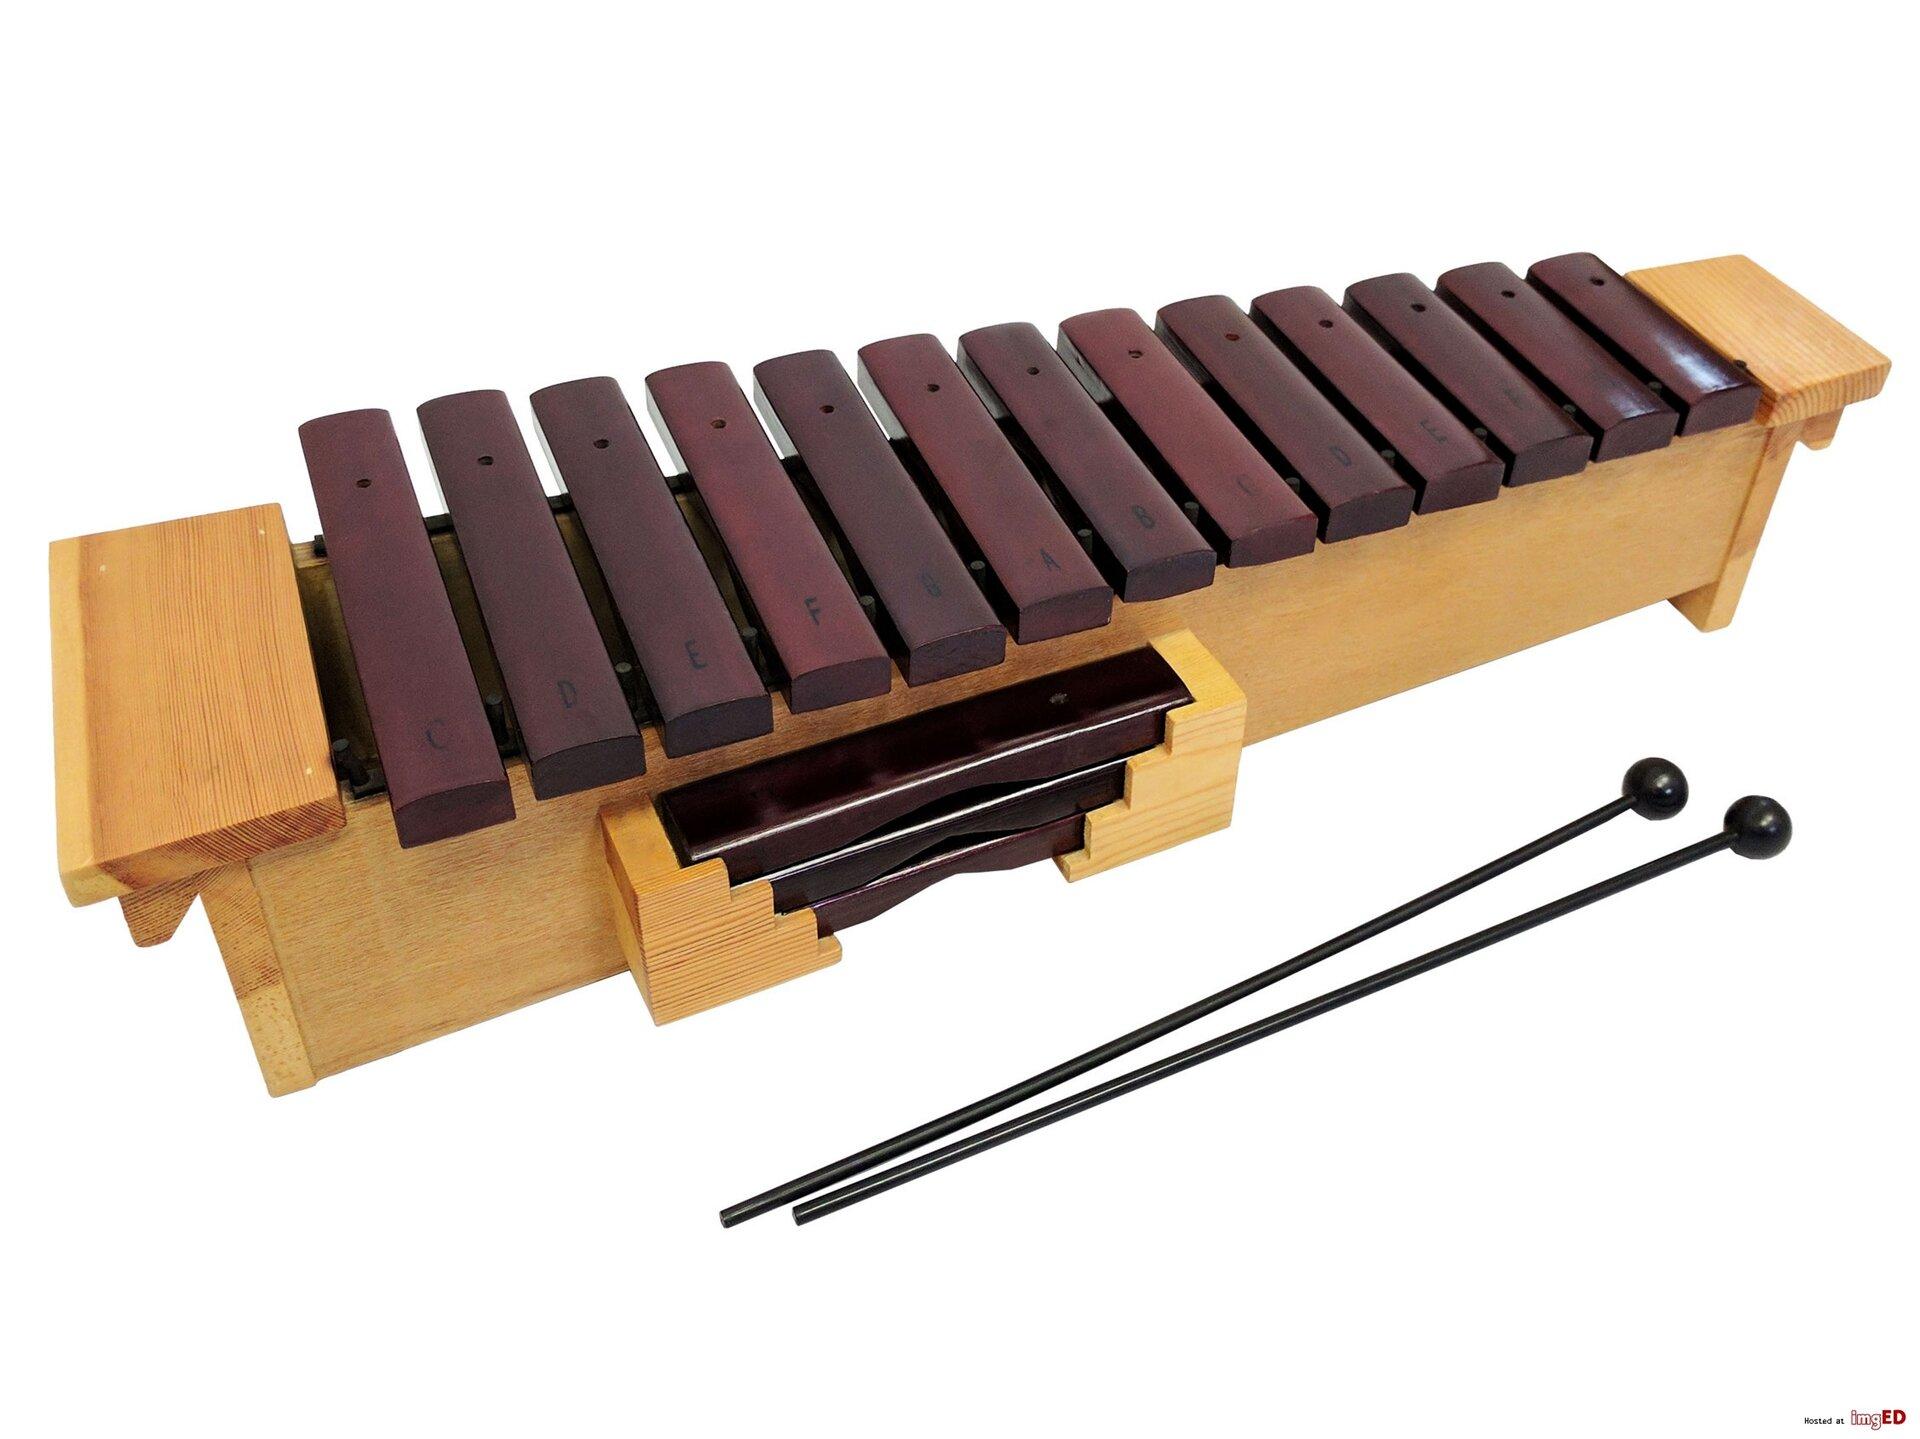 Ilustracja przedstawia ksylofon to instrument perkusyjny klasyczny, który jest podstawowym narzędziem edukacji każdego młodego muzyka wybierającego naukę wklasie perkusji. Dość prosty wbudowie iprzypominający nieco duże cymbałki lub dzwonki szkolne, jest wbrew pozorom skomplikowanym iprecyzyjnym instrumentem. Wykonany jest zawsze zwybranego gatunku egzotycznego drewna,